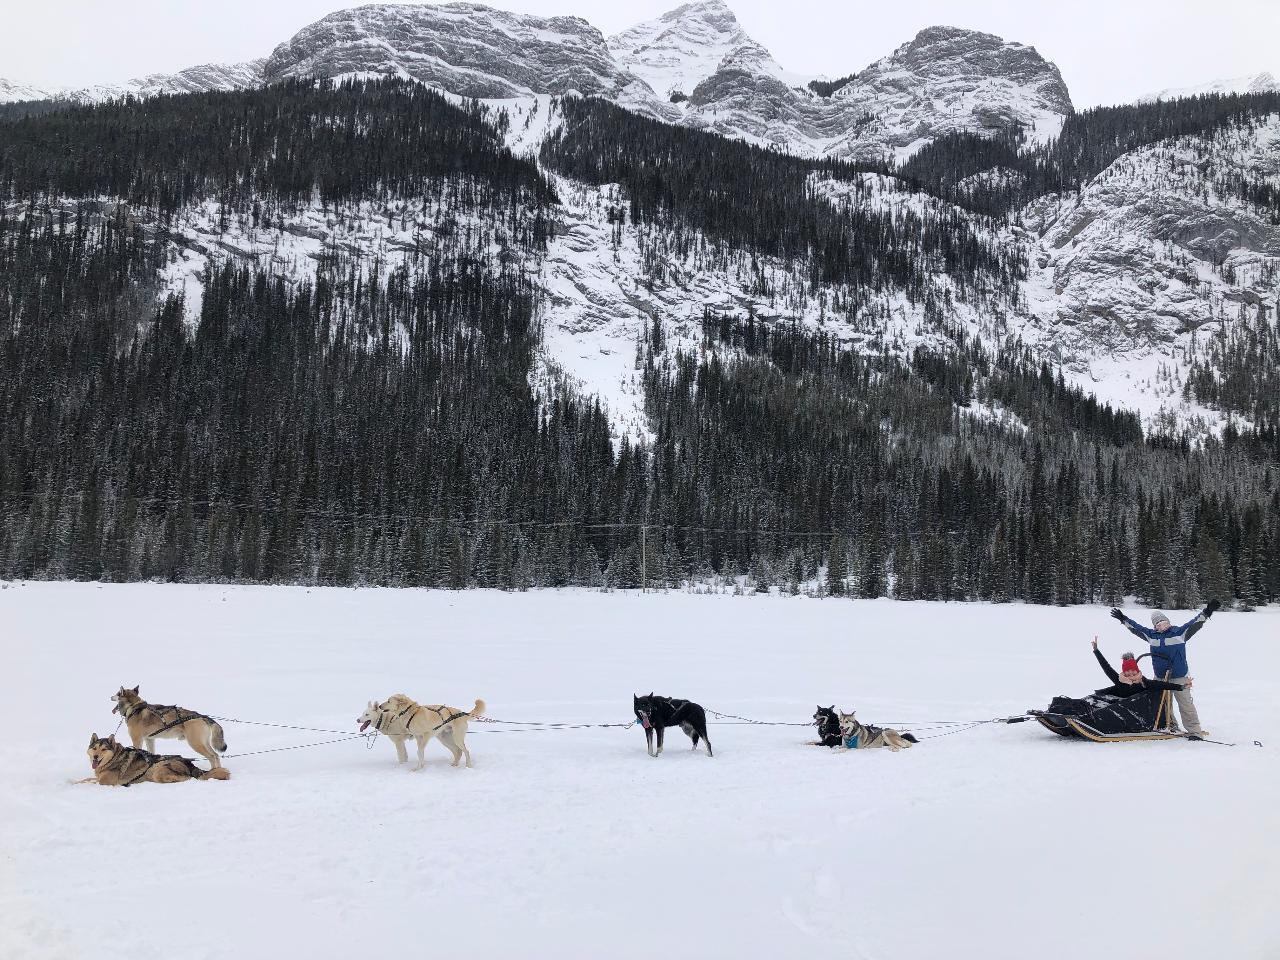 Canadian Rockies Winter Weekend Adventure